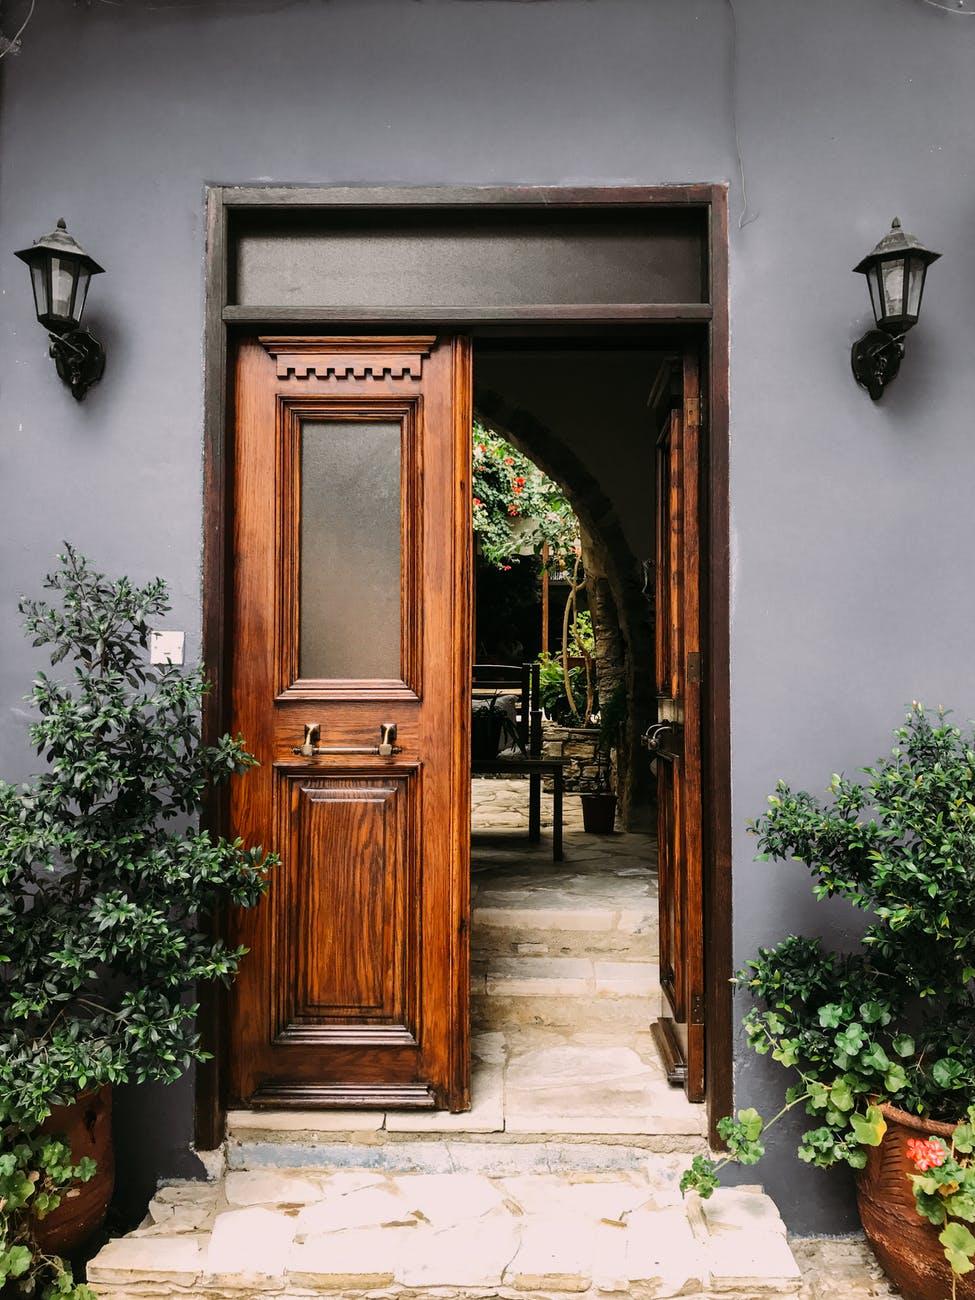 Vybíráme vstupní dveře aneb otázky, na které je dobré znát odpověď